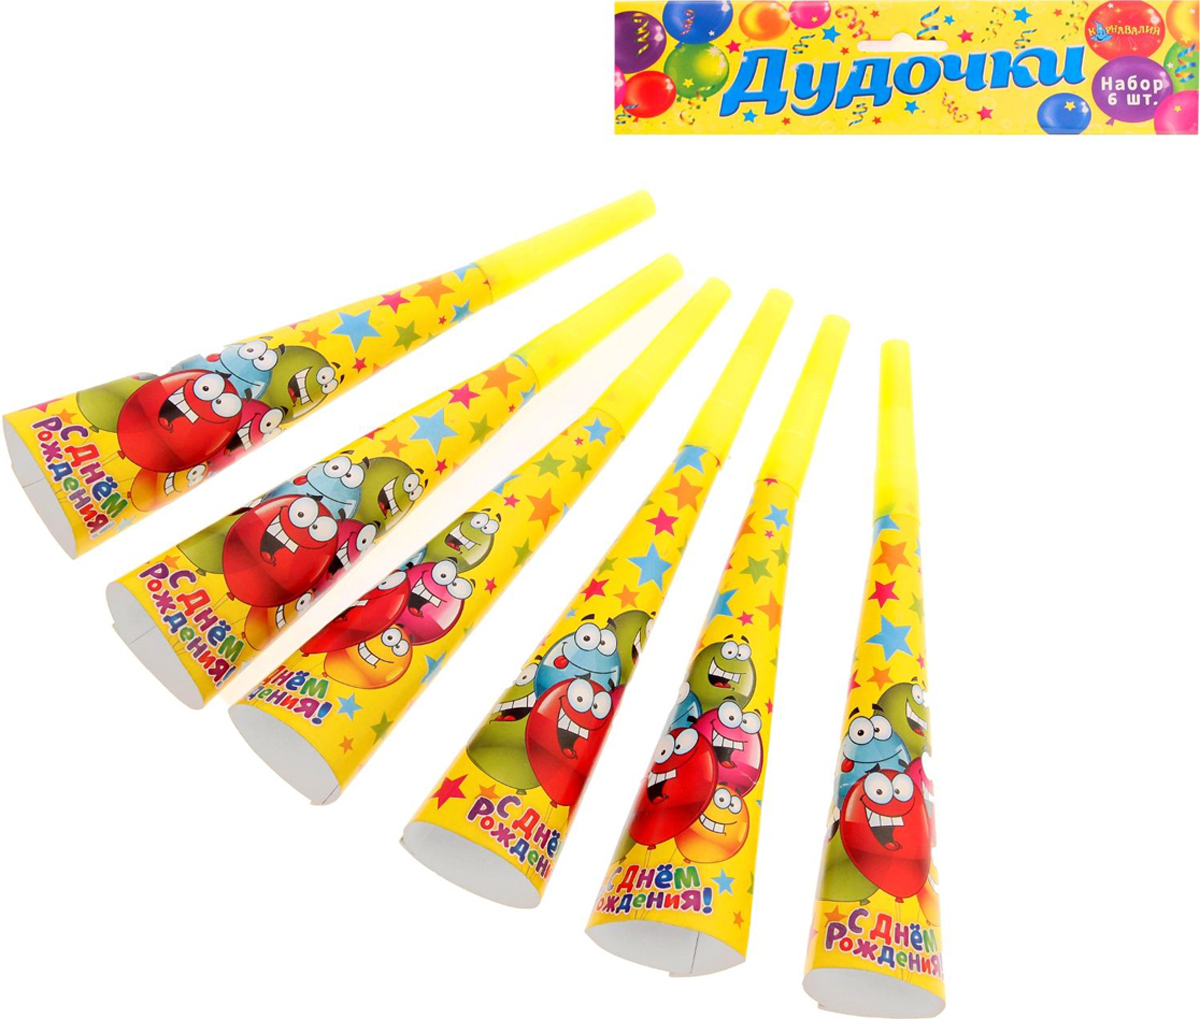 Страна Карнавалия Дудка-гудок С днем рождения Веселые шарики 6 шт 21 см 1030735 -  Аксессуары для детского праздника